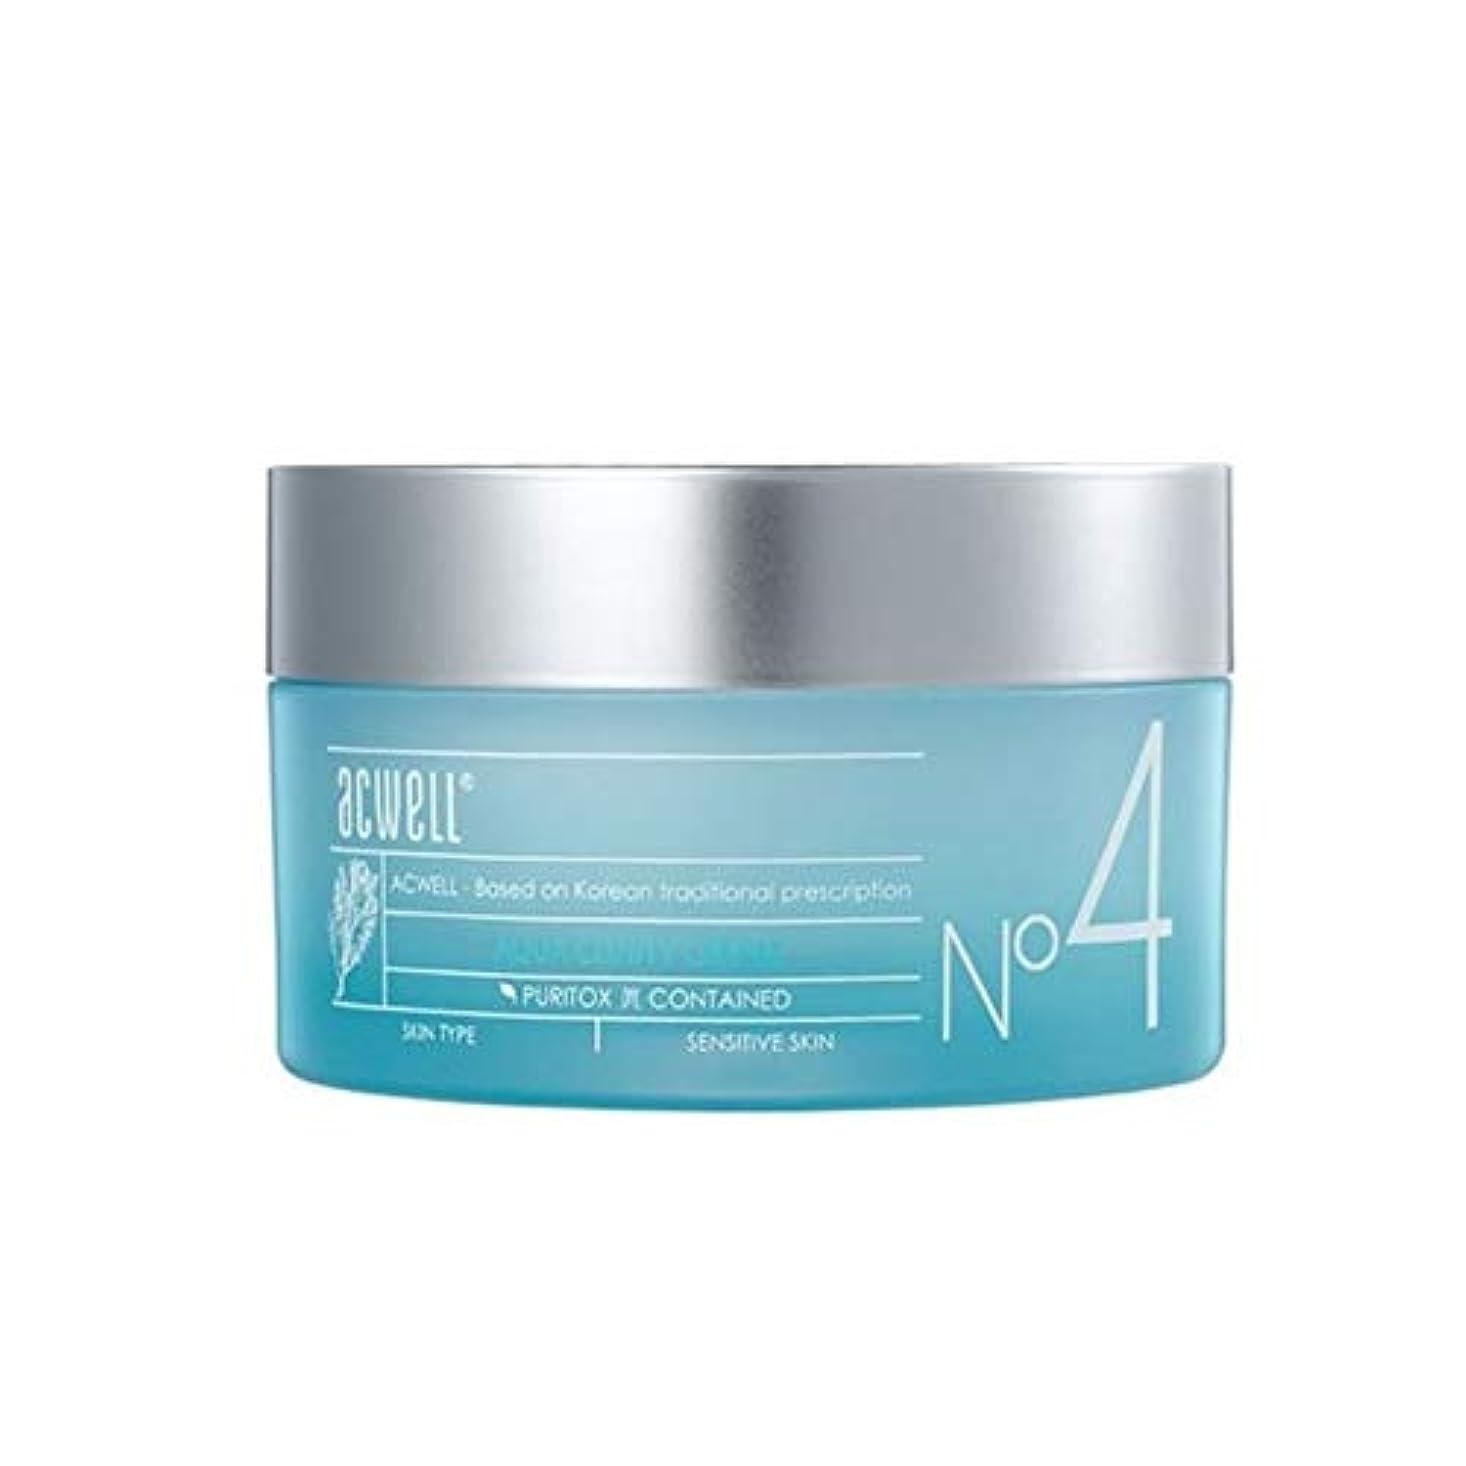 何かごブリークアークウェルアクアクリニティクリーム50ml韓国コスメ、Acwell Aqua Clinity Cream 50ml Korean Cosmetics [並行輸入品]